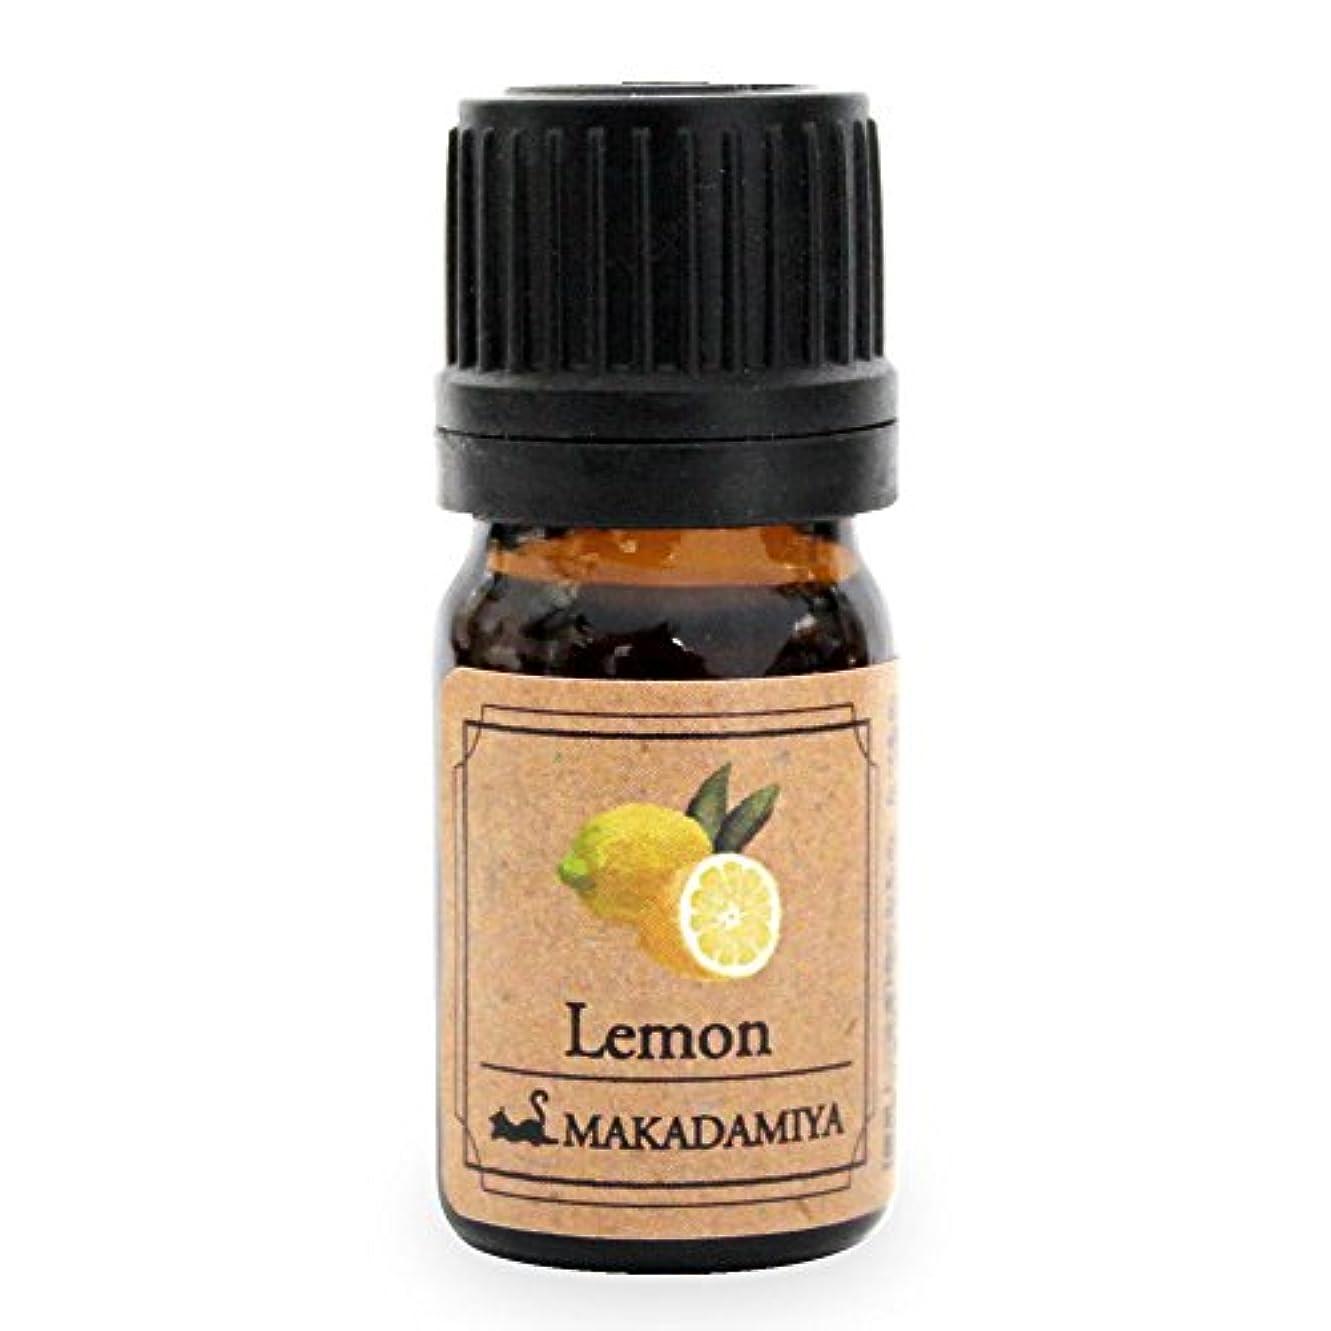 理解する対抗つづりレモン5ml 天然100%植物性 エッセンシャルオイル(精油) アロマオイル アロママッサージ aroma Lemon